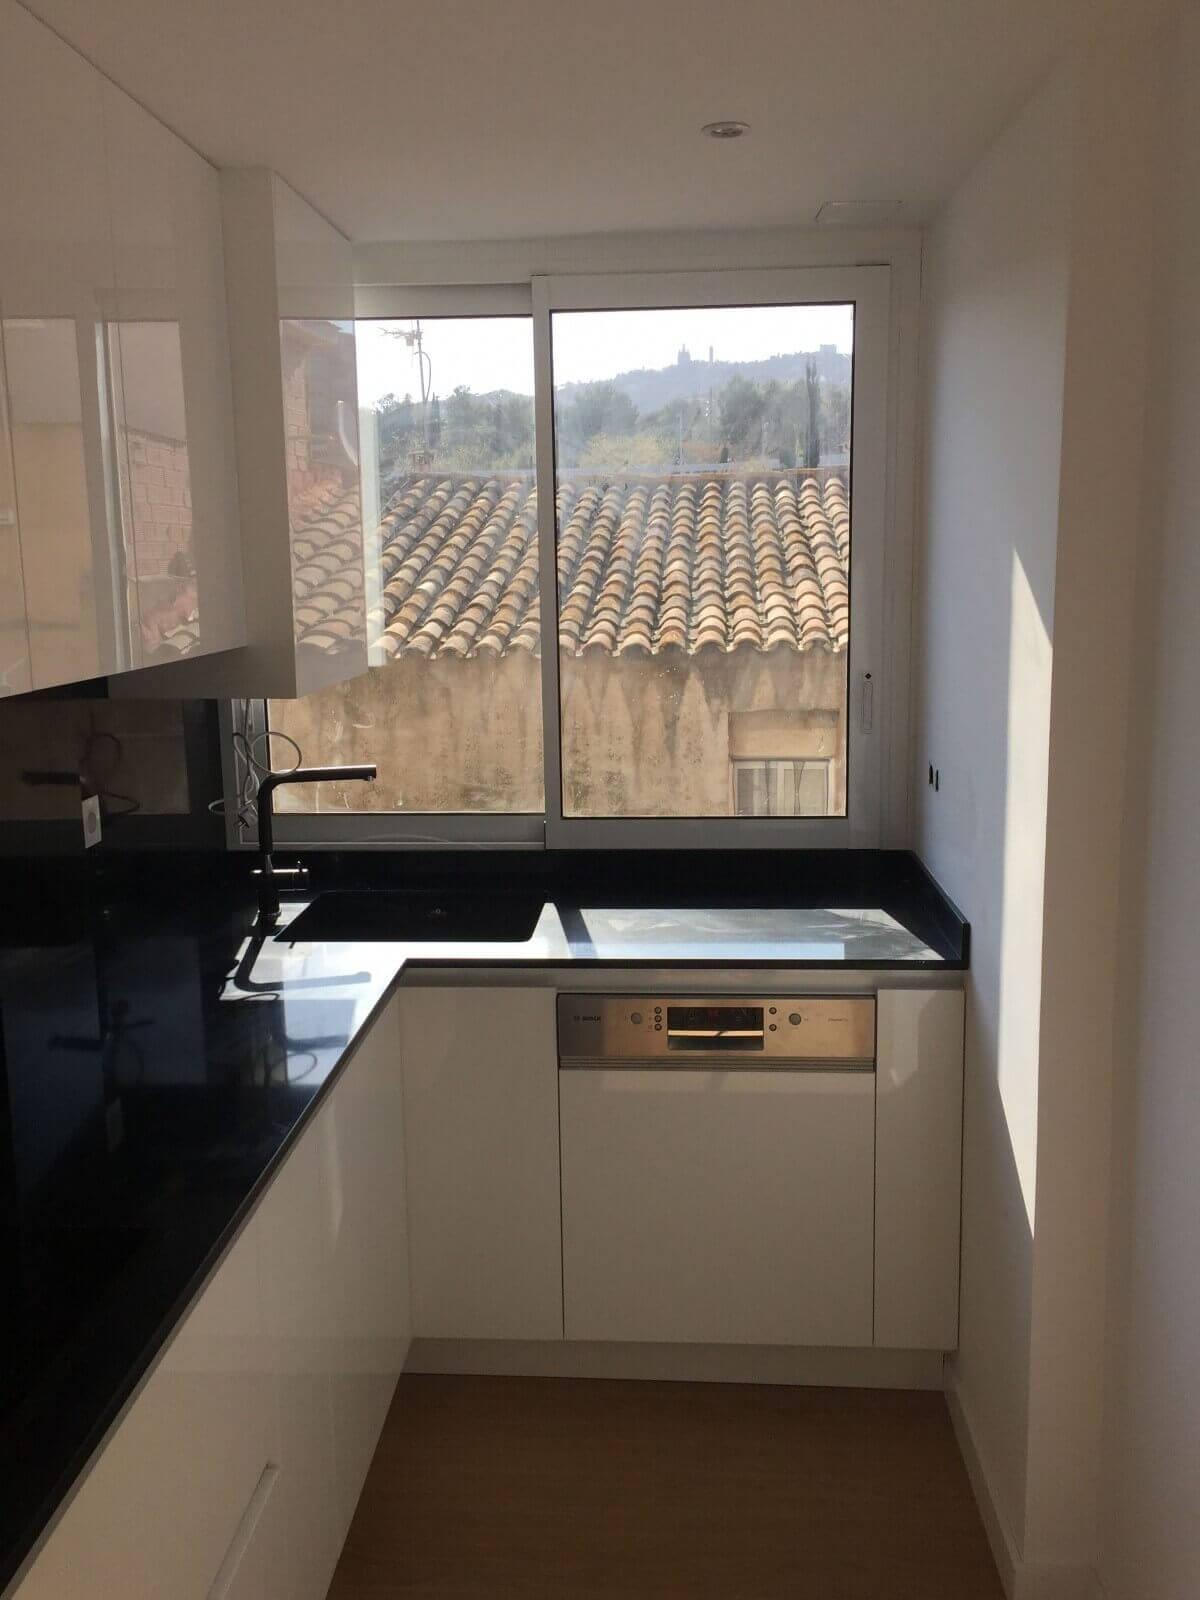 Cocina Carrer Coimbra 7